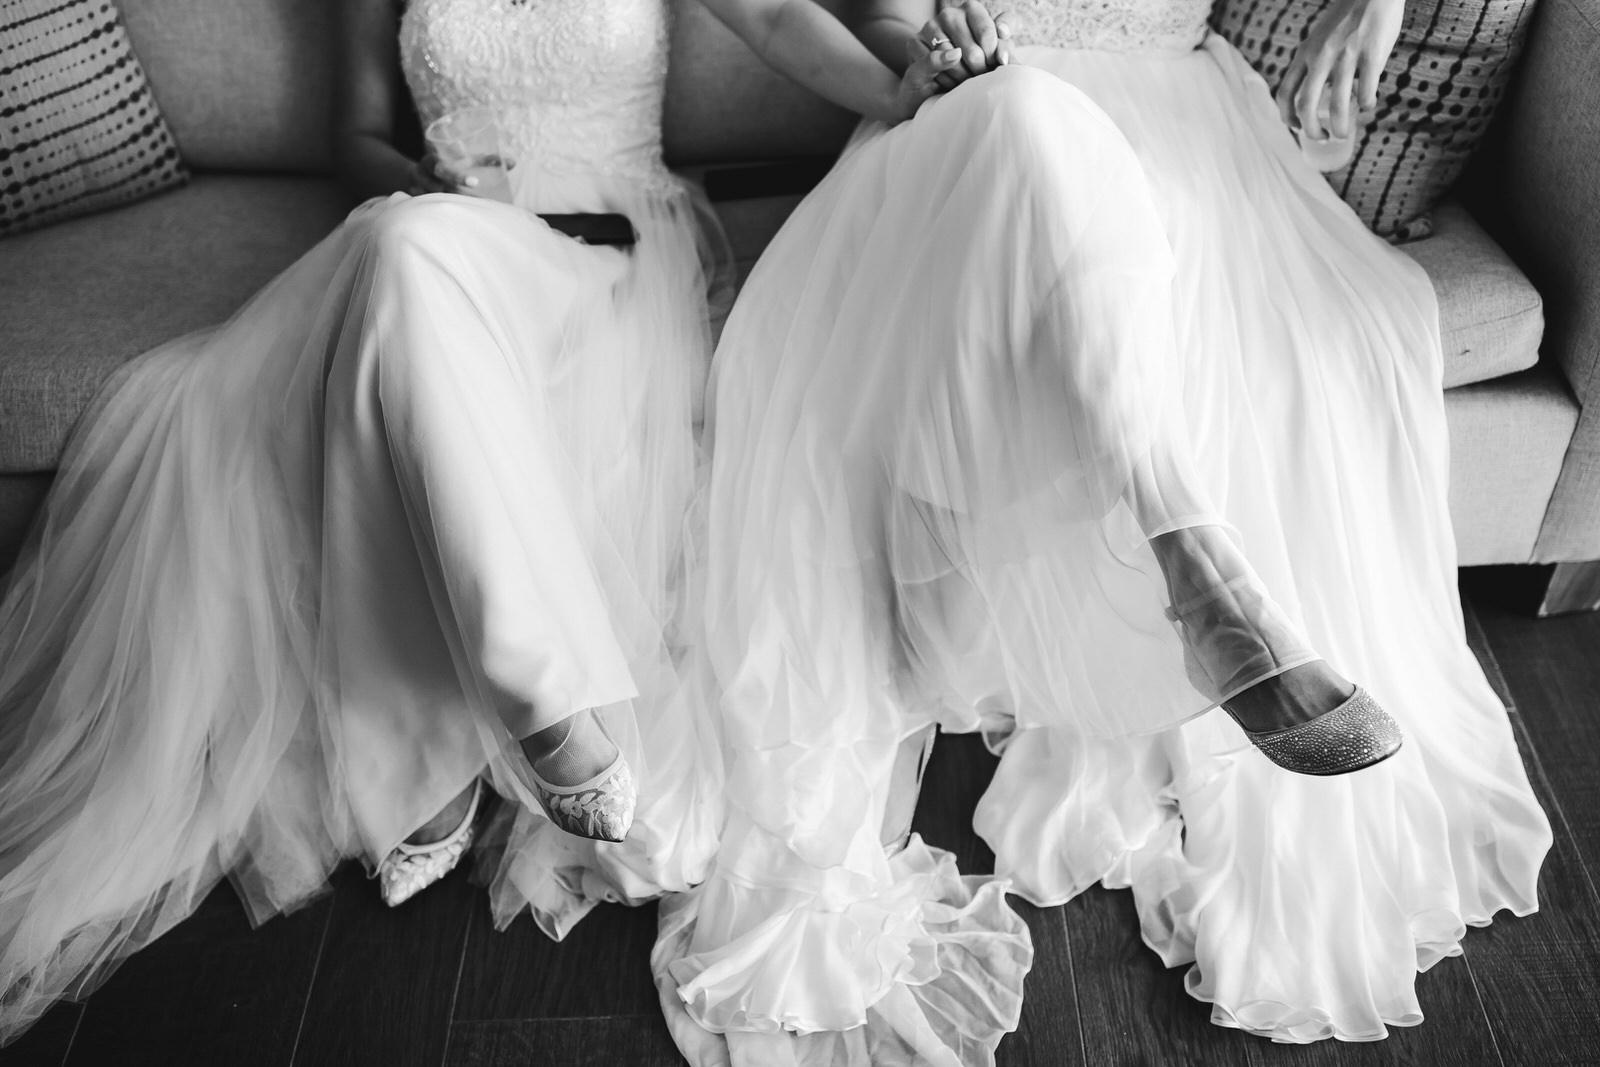 brides_sitting_islamorada_wedding_steph_lynn_photo-2.jpg